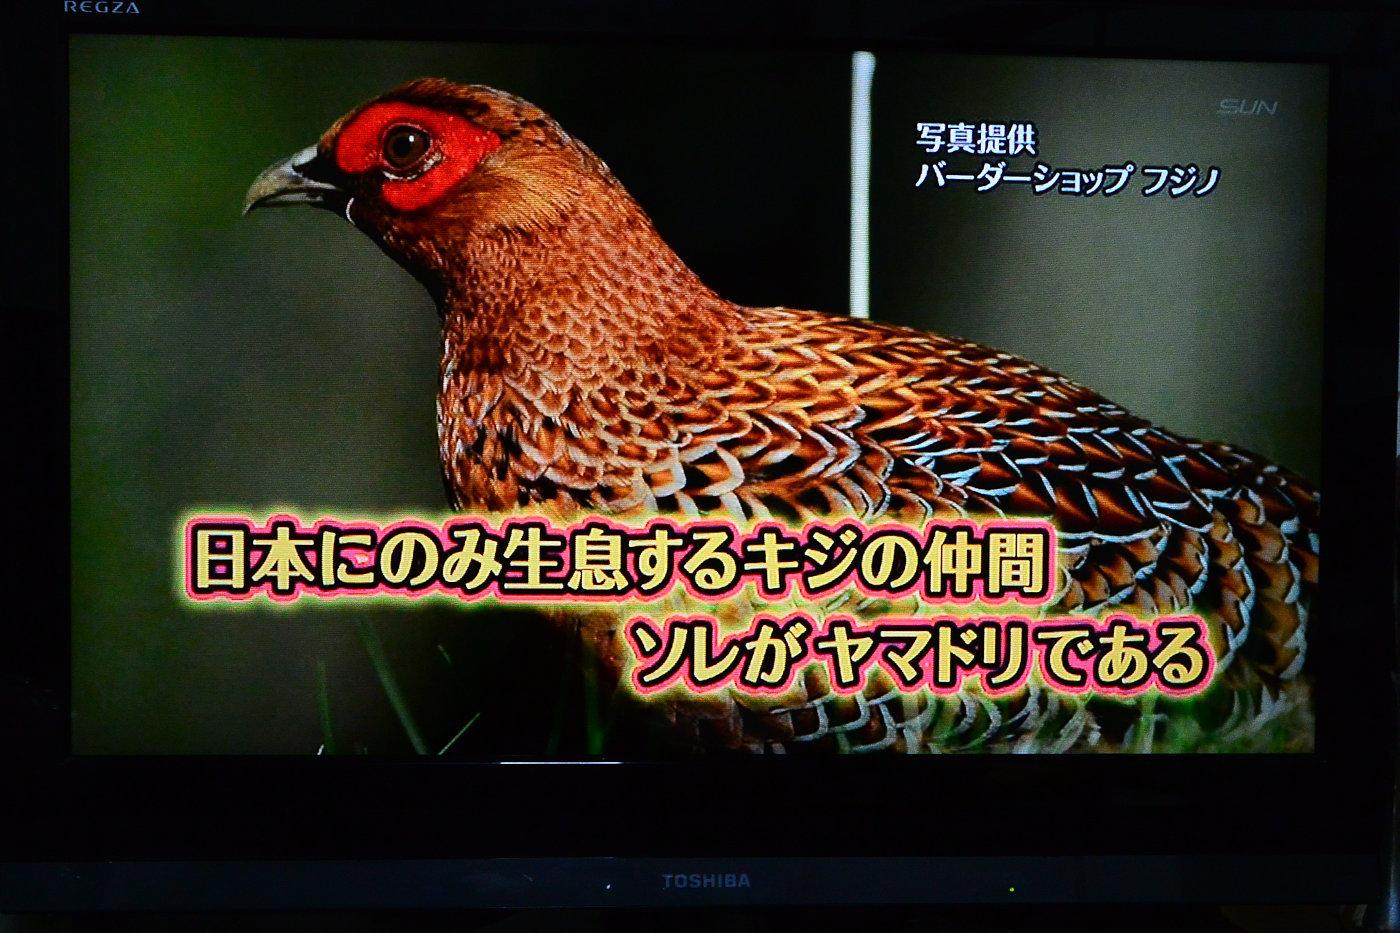 AFボーグ BORG90FLで撮影した野鳥・ヤマドリの写真画像